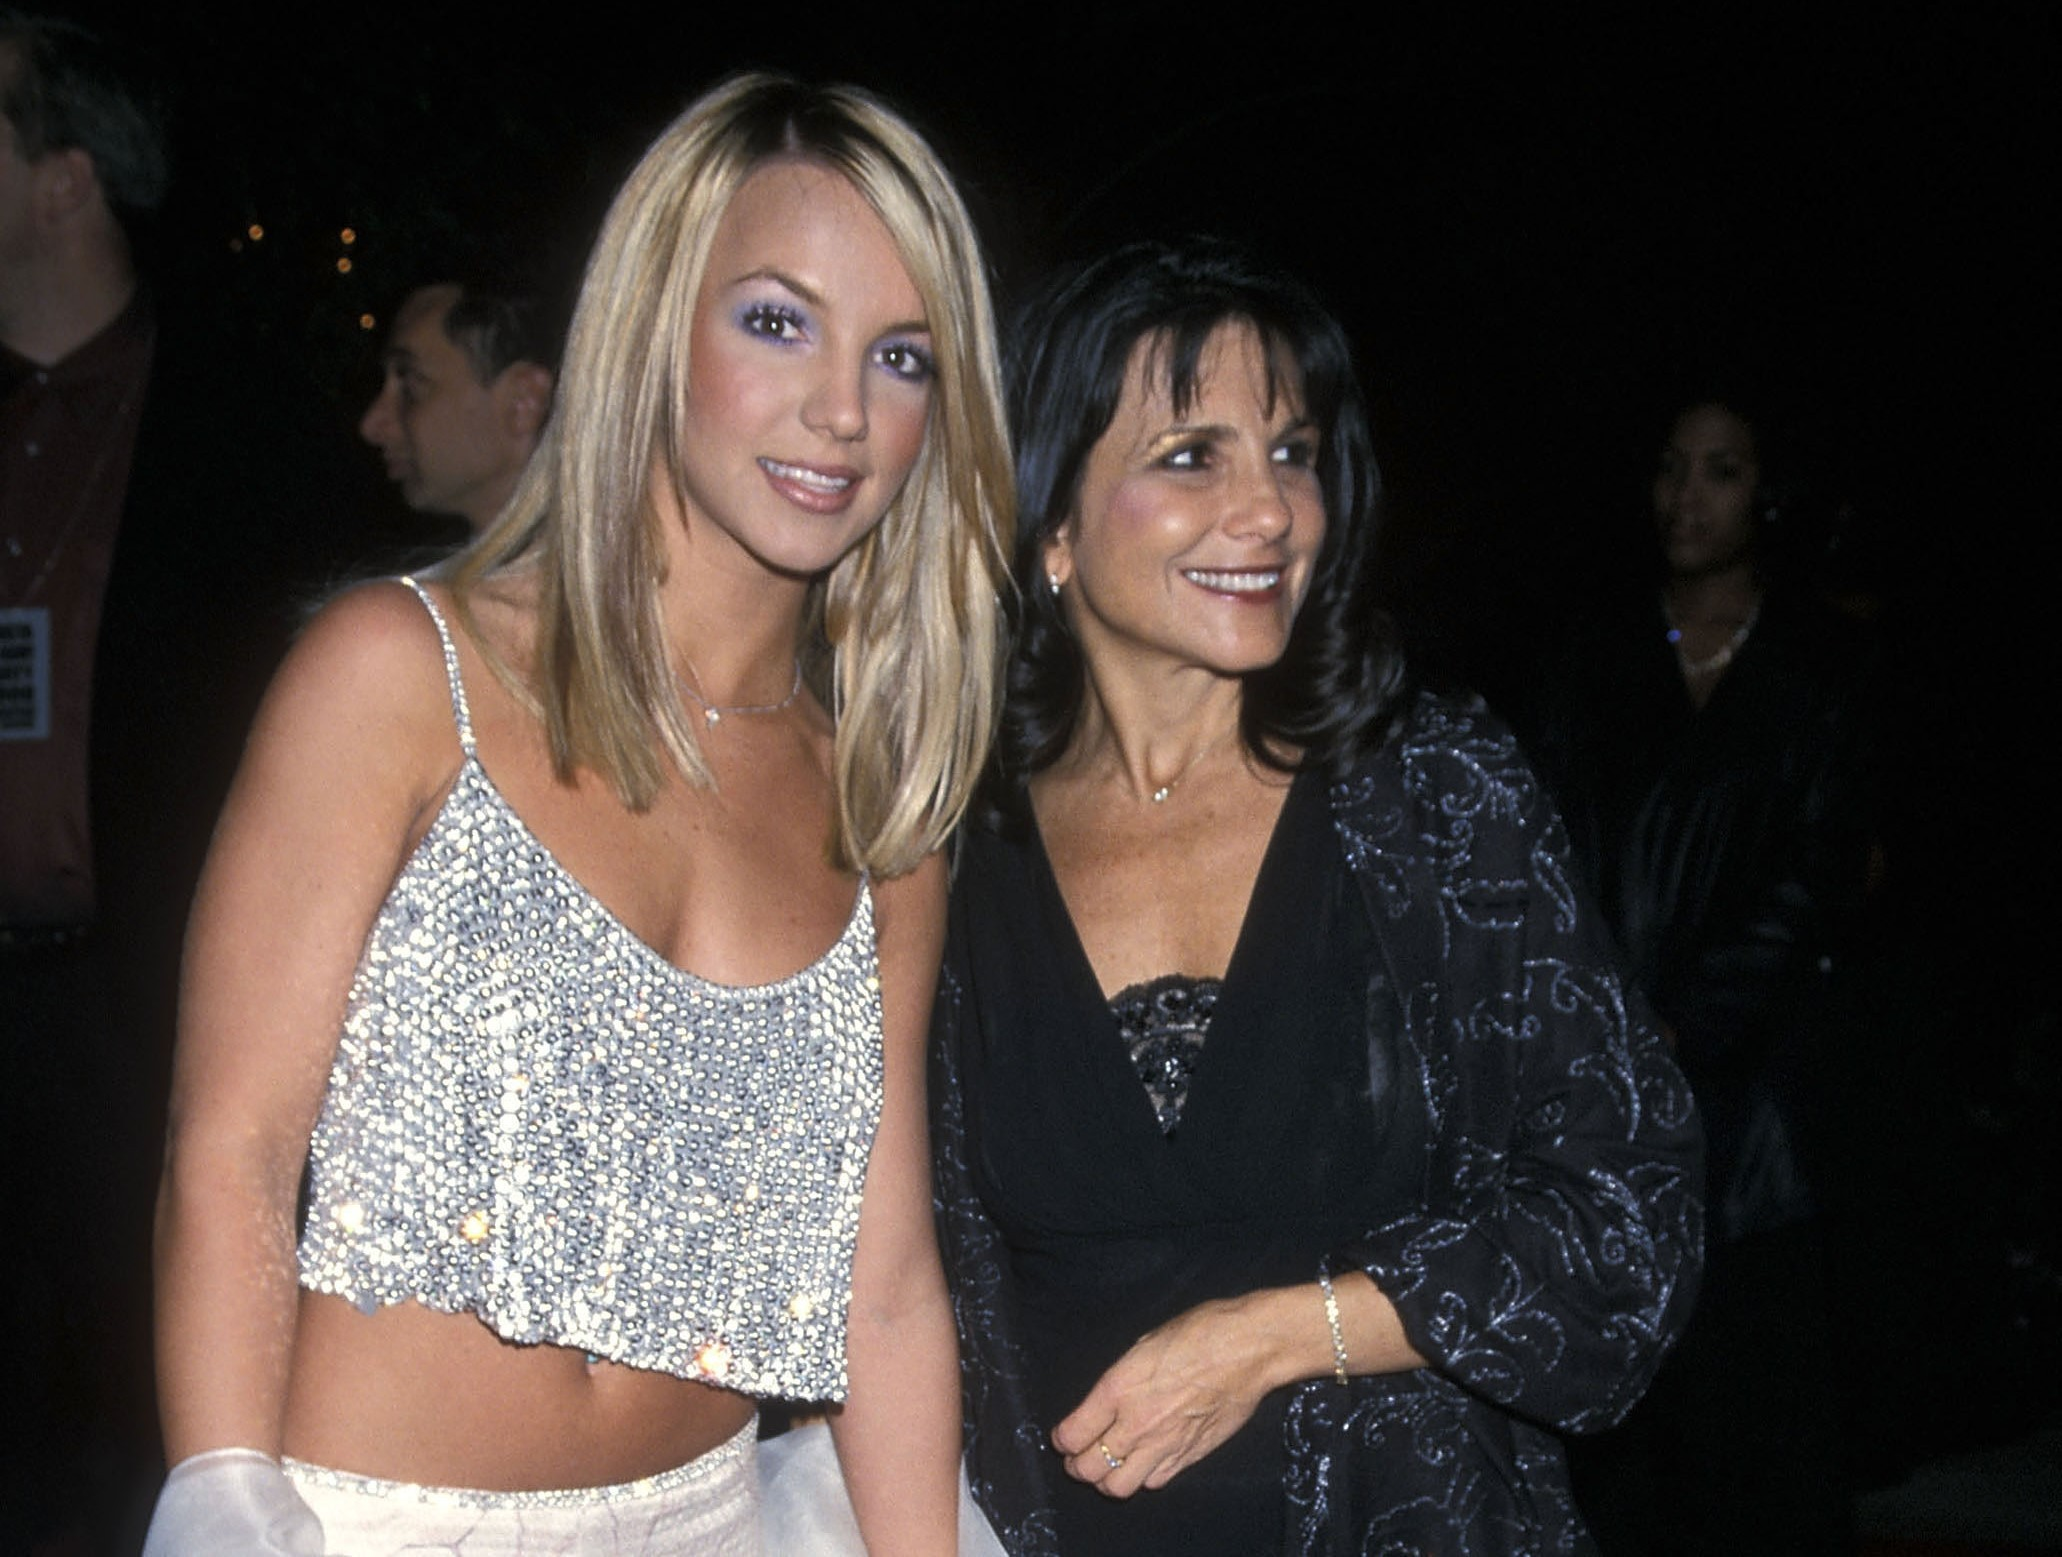 Mãe de Britney Spears defende filha e acusa pai da cantora de falta de transparência, diz site - Monet | Celebridades